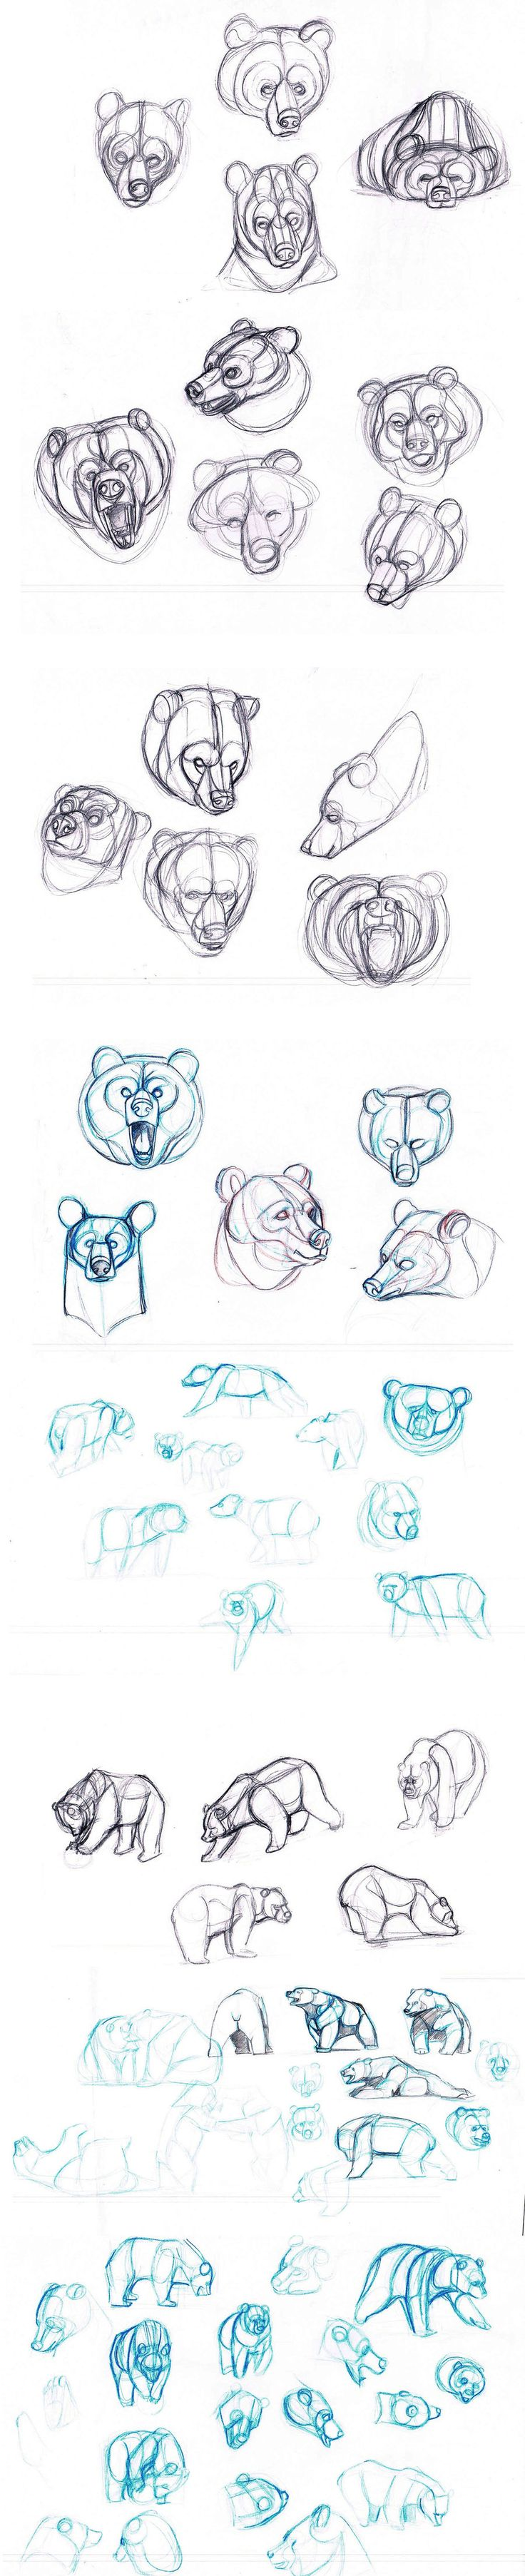 best 25 bear sketch ideas only on pinterest bear drawing bear